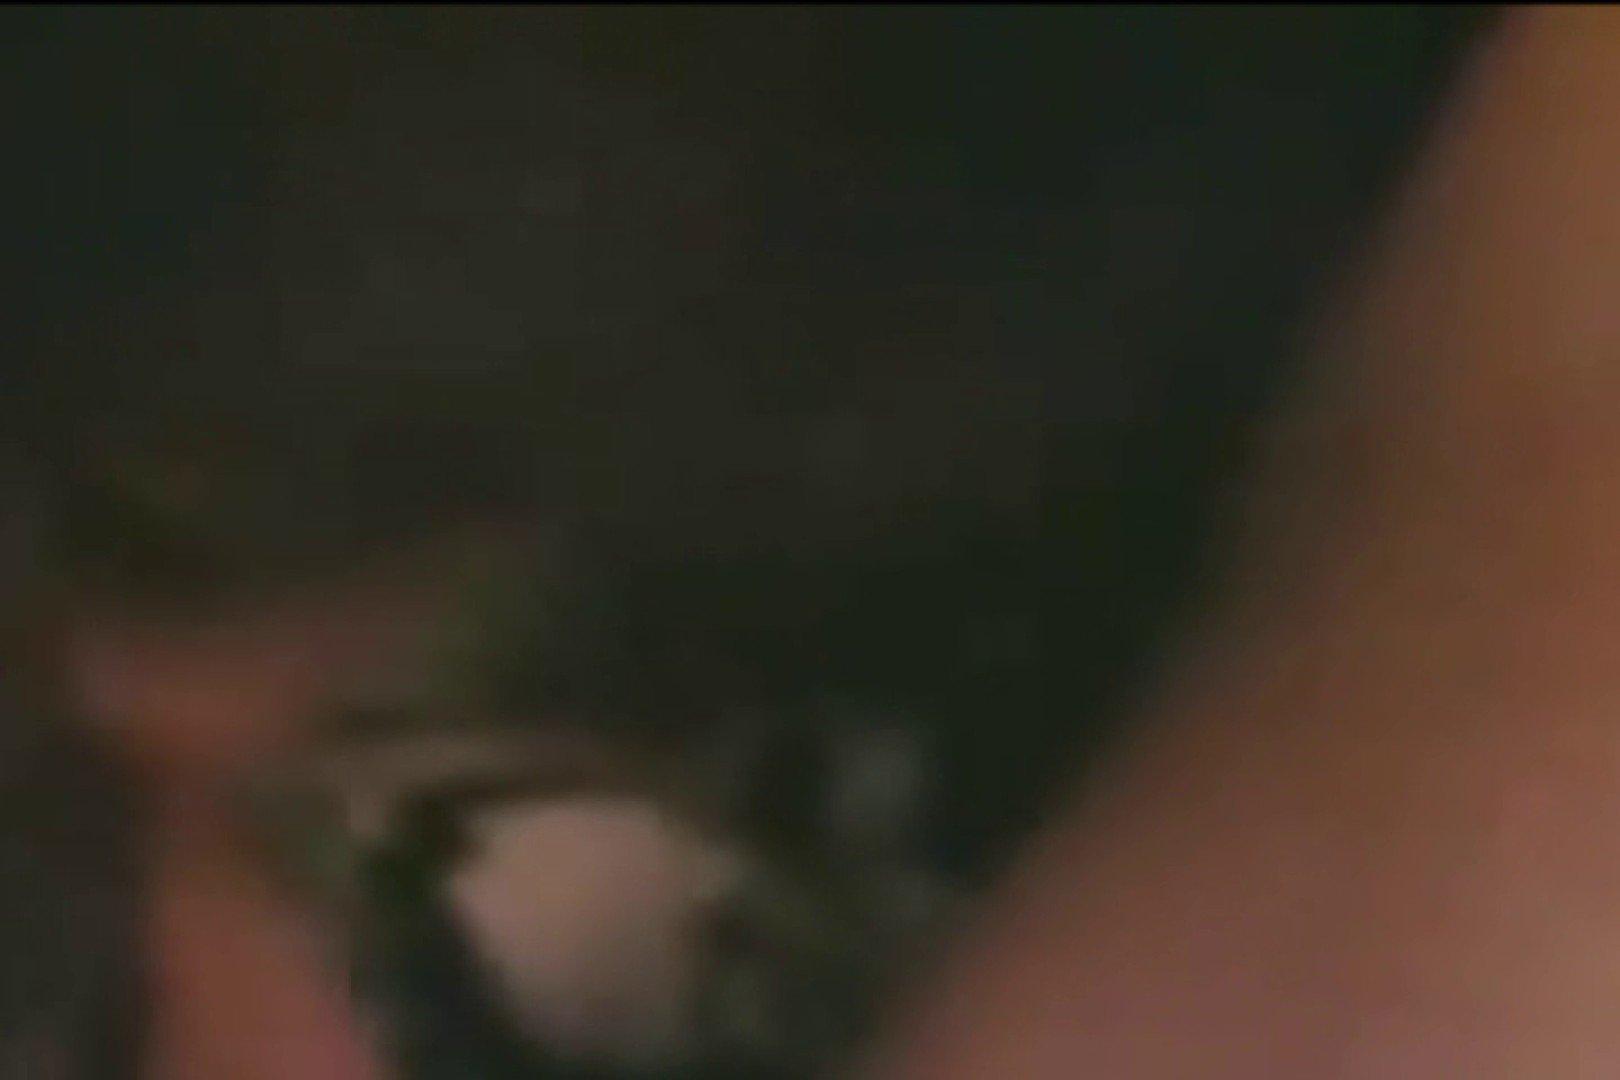 仁義なきキンタマ YAMAMOTOのアルバム フェラチオ特集 | 流出作品  66pic 31